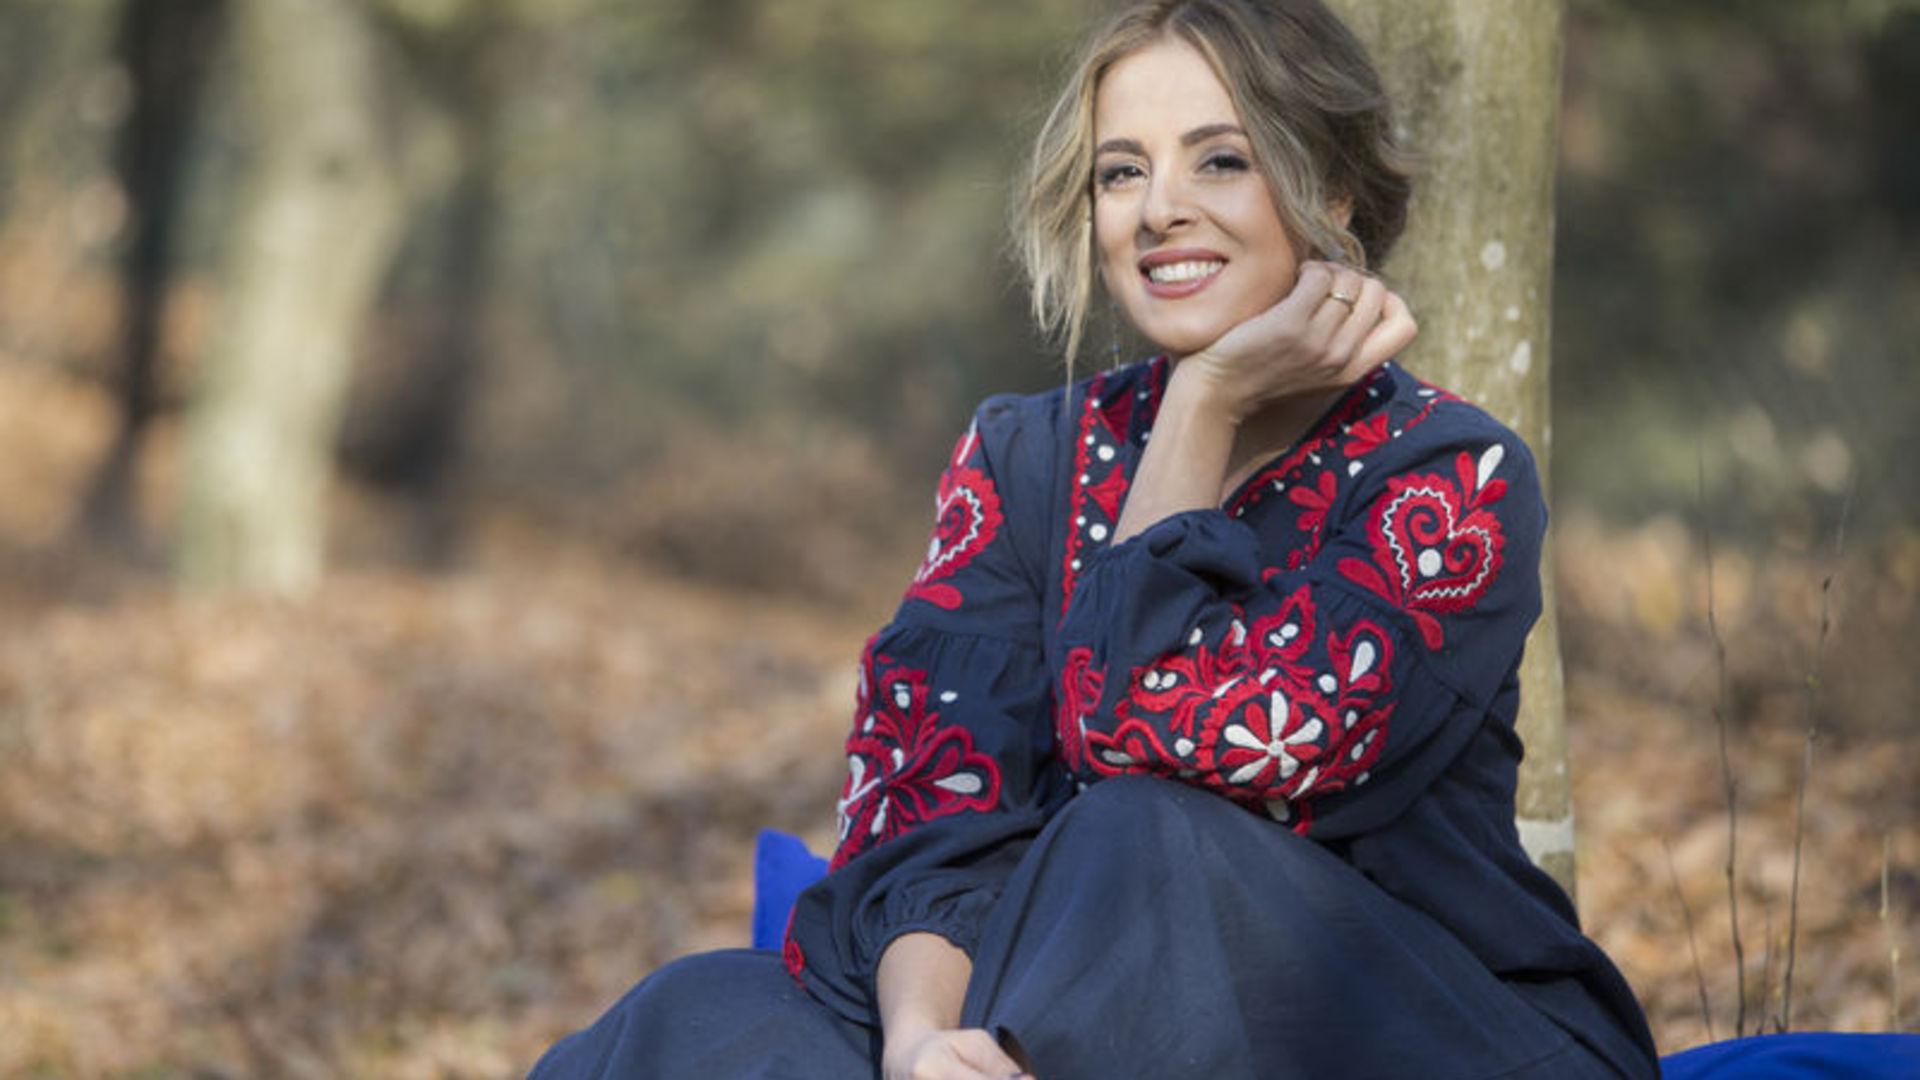 Doğa Rutkay: 'Evliliğin sırrı karşılıklı empati'